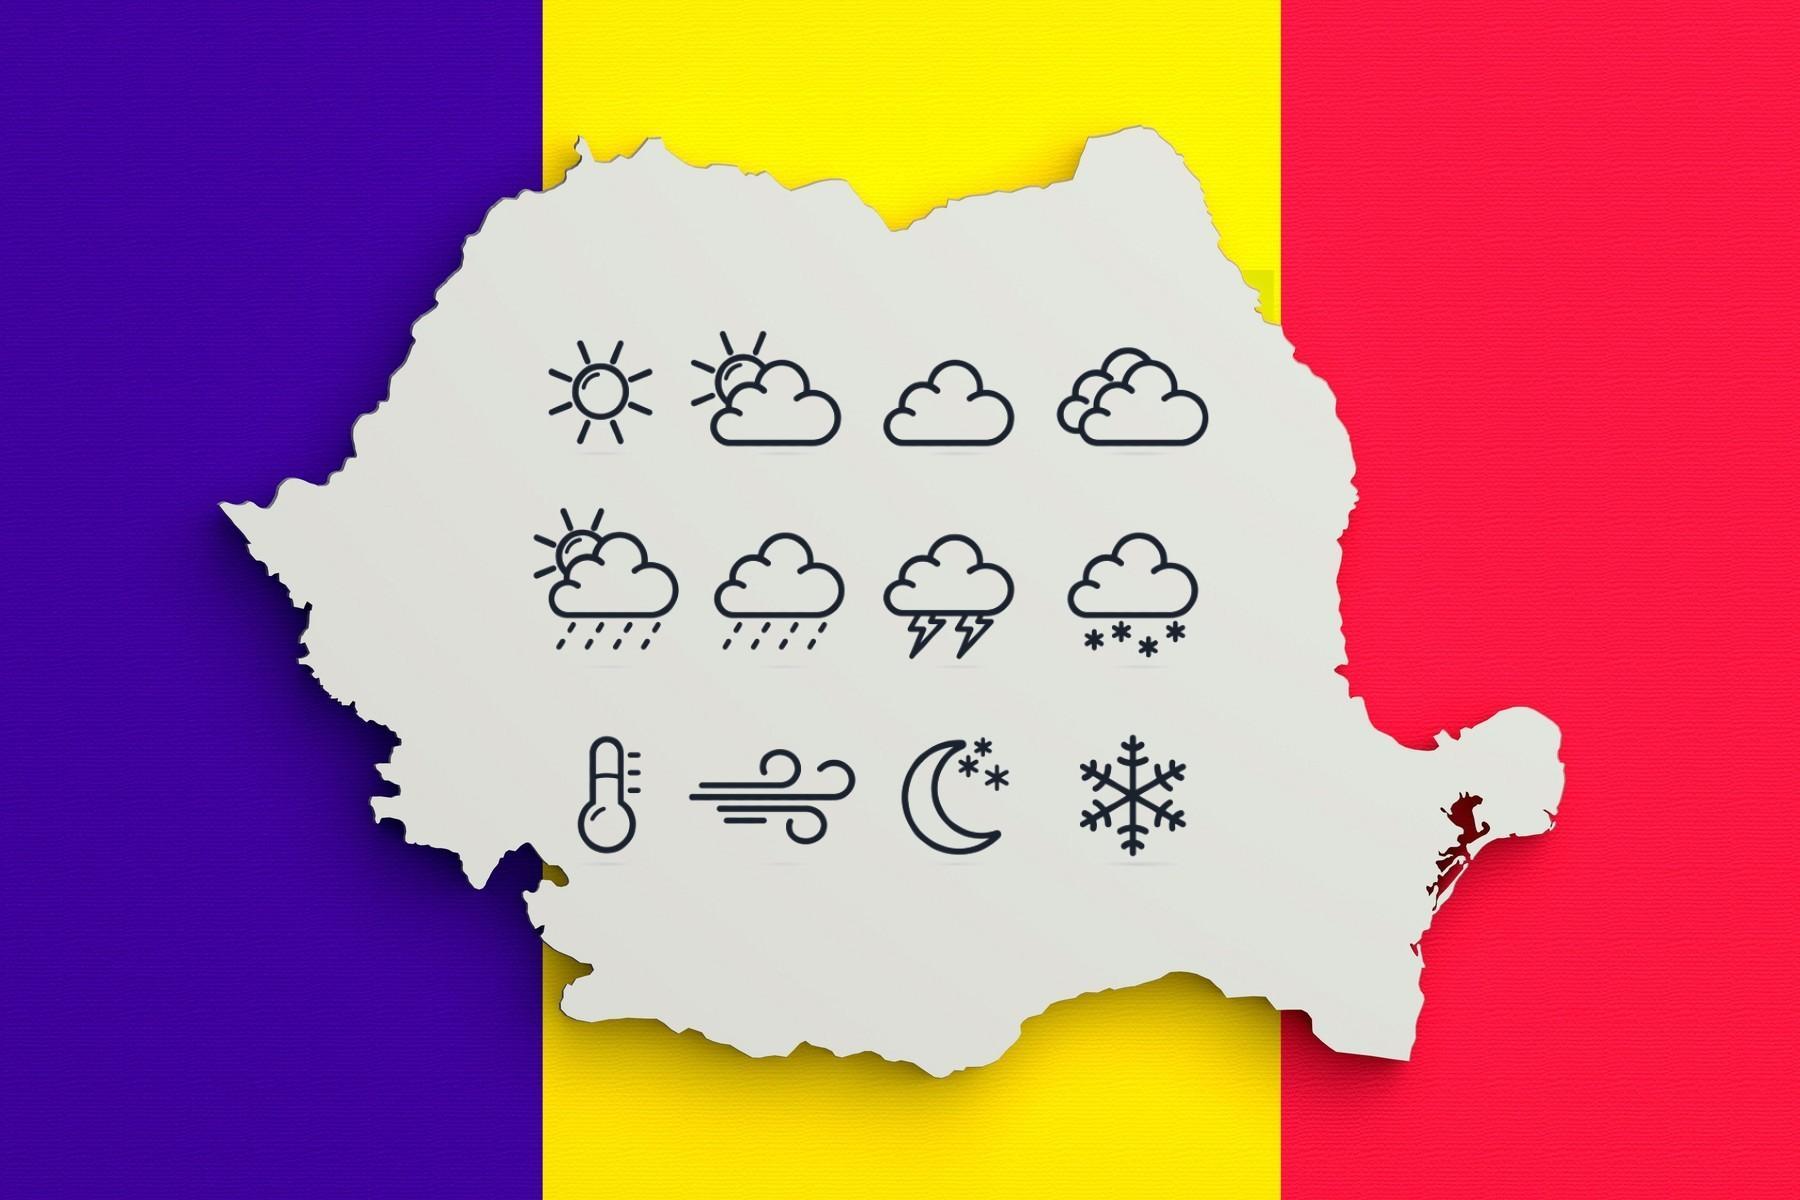 Prognoza meteo 26 ianuarie 2021. Cum e vremea în România și care sunt previziunile ANM pentru astăzi